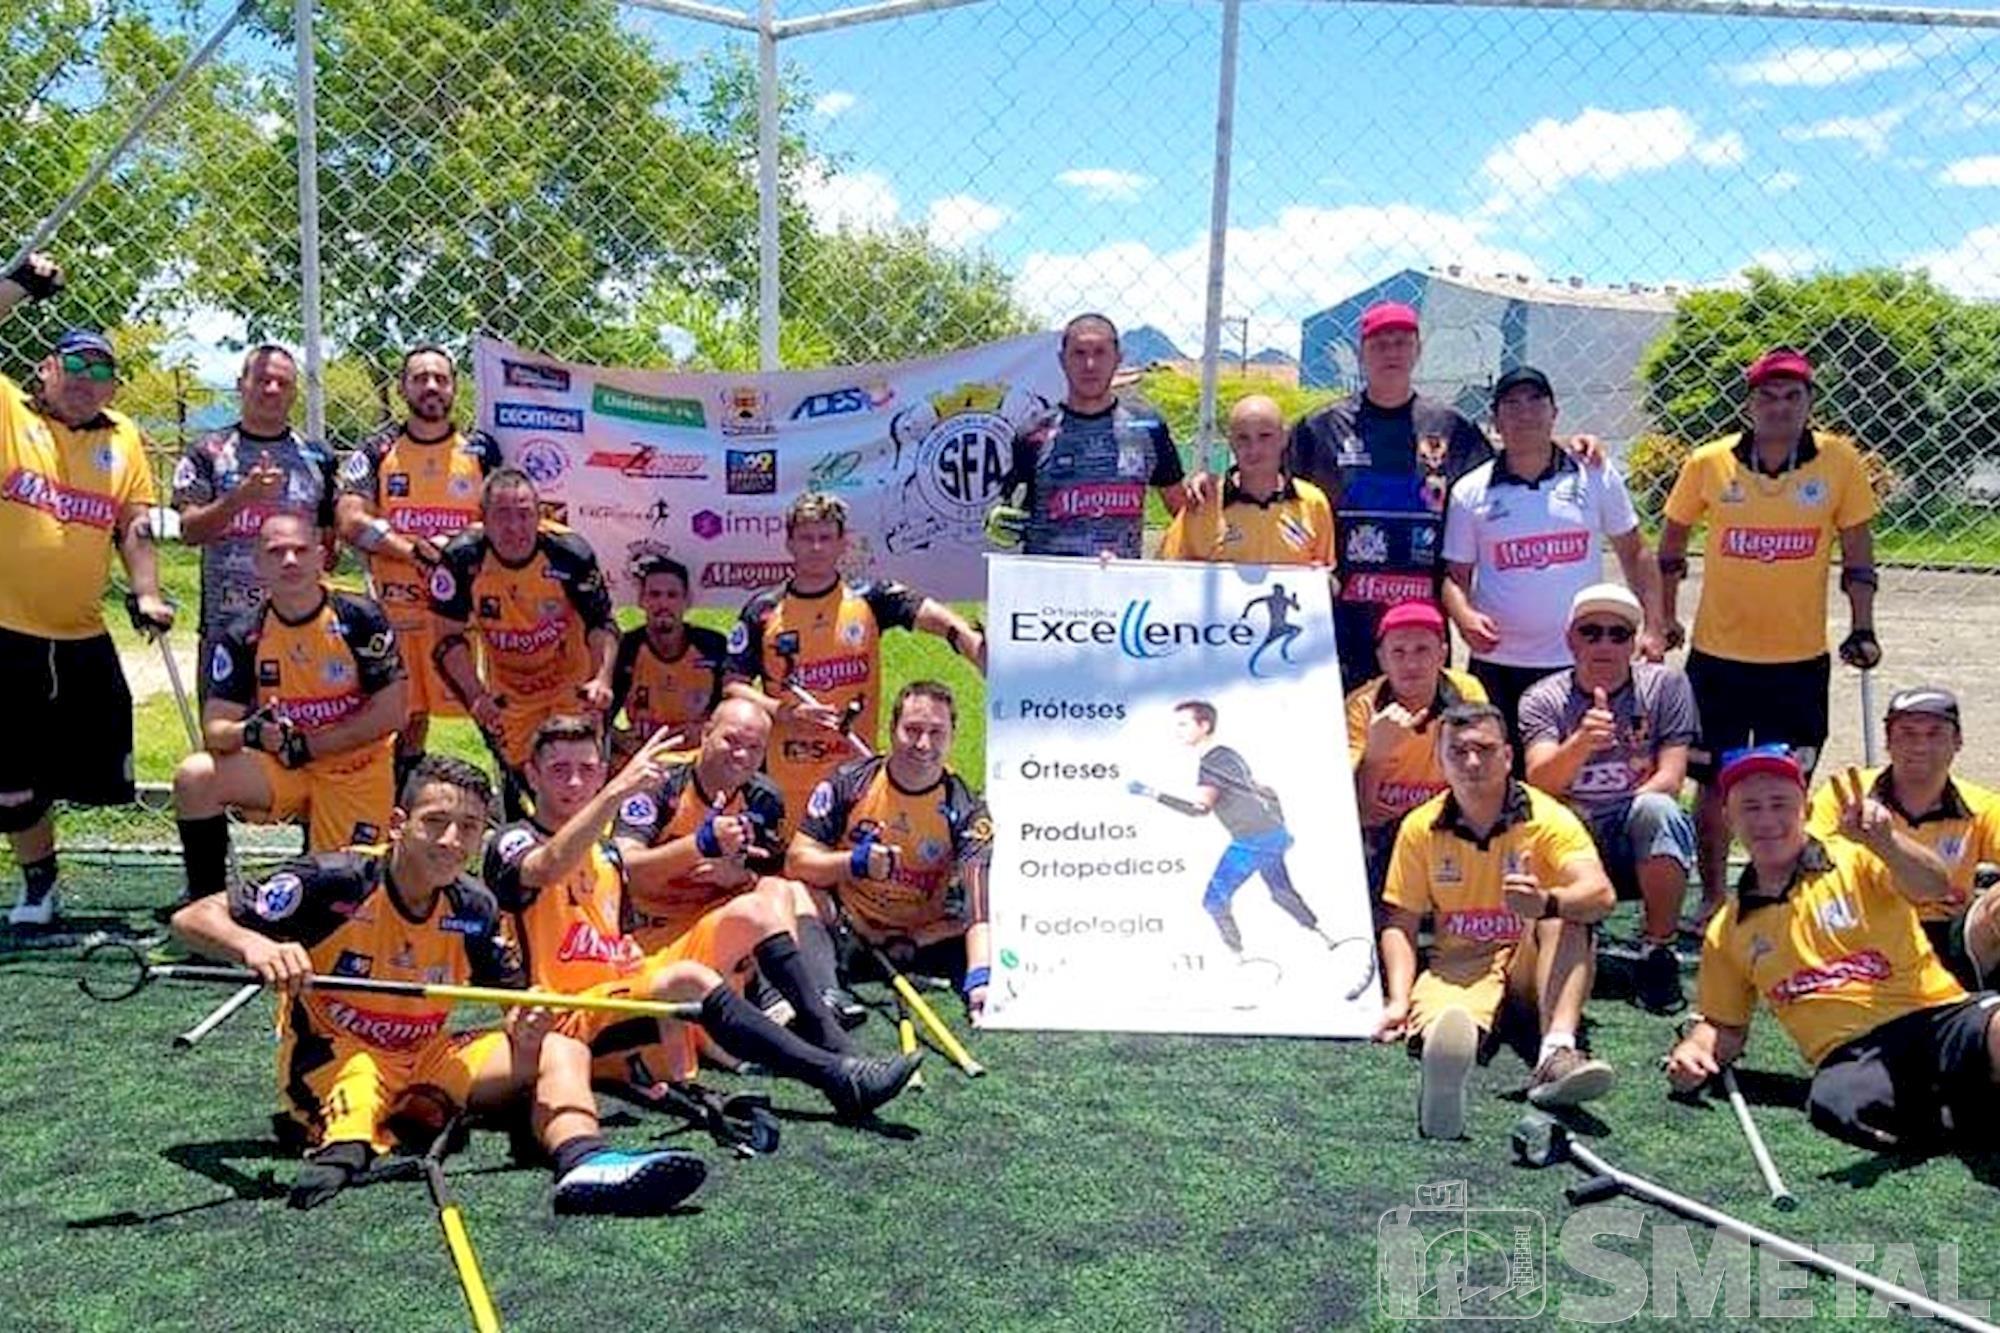 Divulgação / Sorocaba Futebol de Amputados , Time sorocabano de futebol de amputados é campeão da Taça Verão